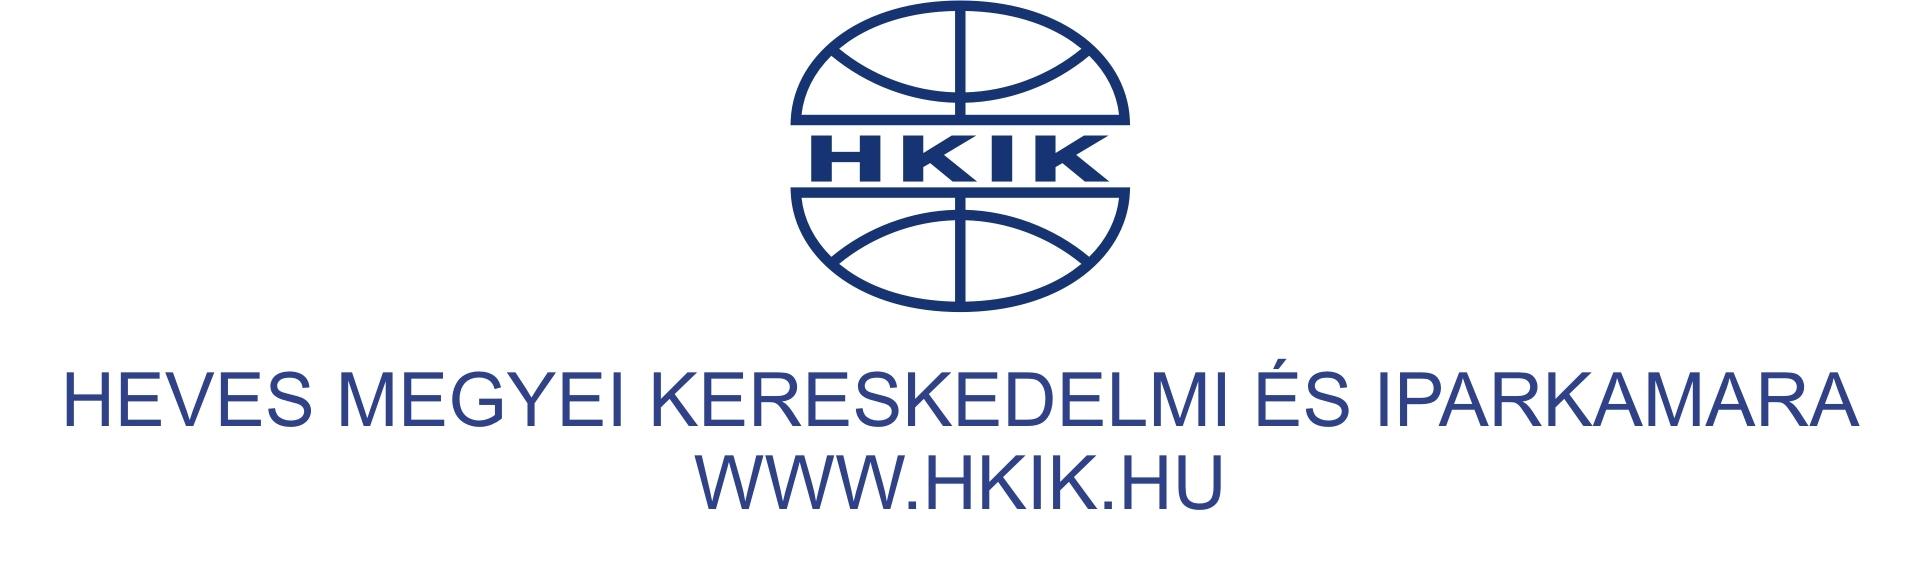 HKIK webes logo 4